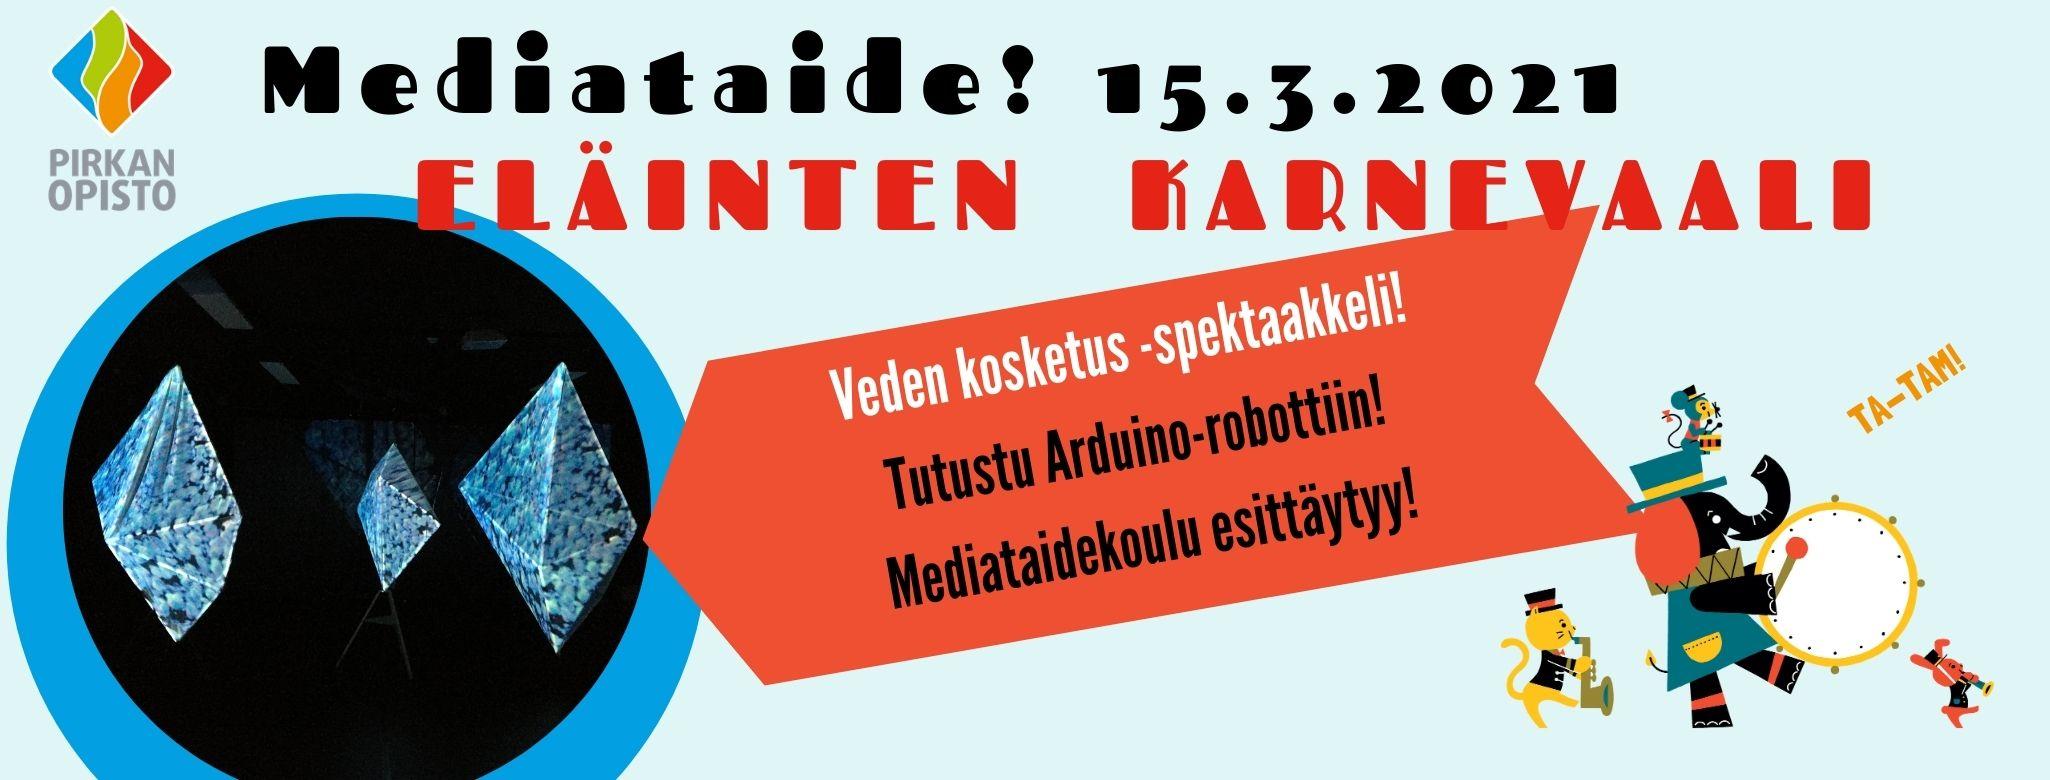 Eläinten karnevaali Mediataiteen päivä 15.3.2021